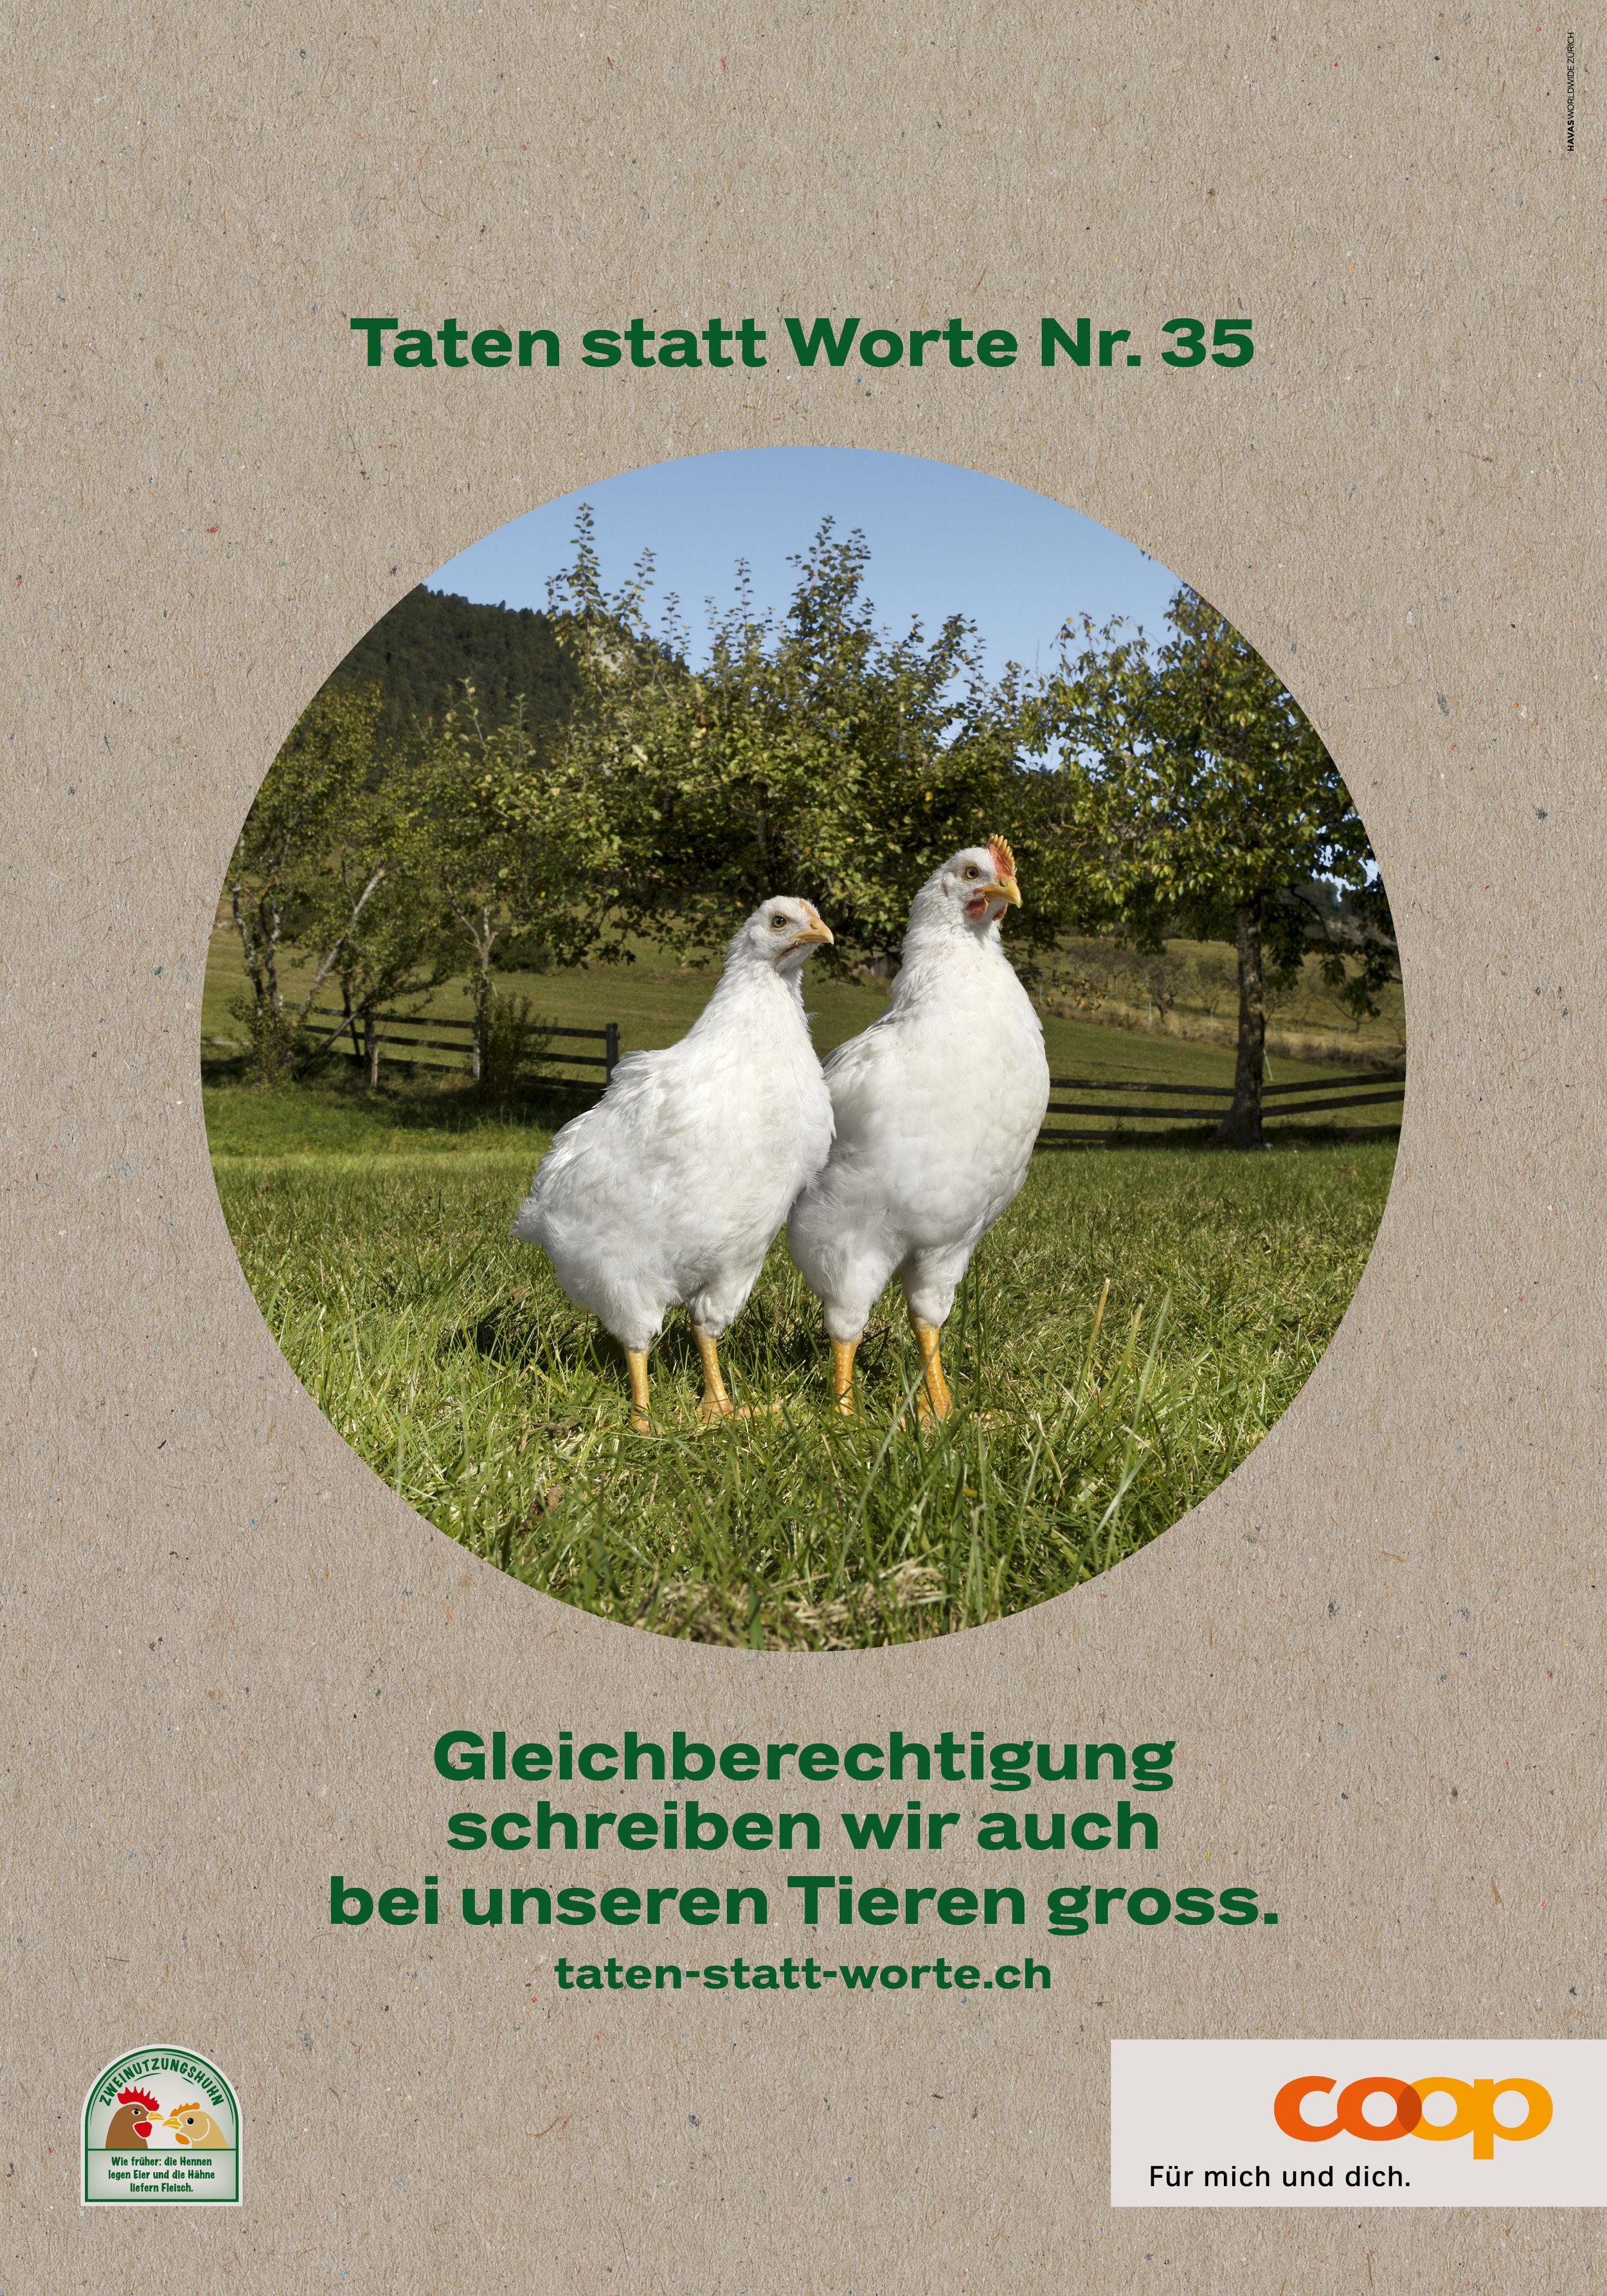 Coop Plakate F4 Taten de X4_C.jpg